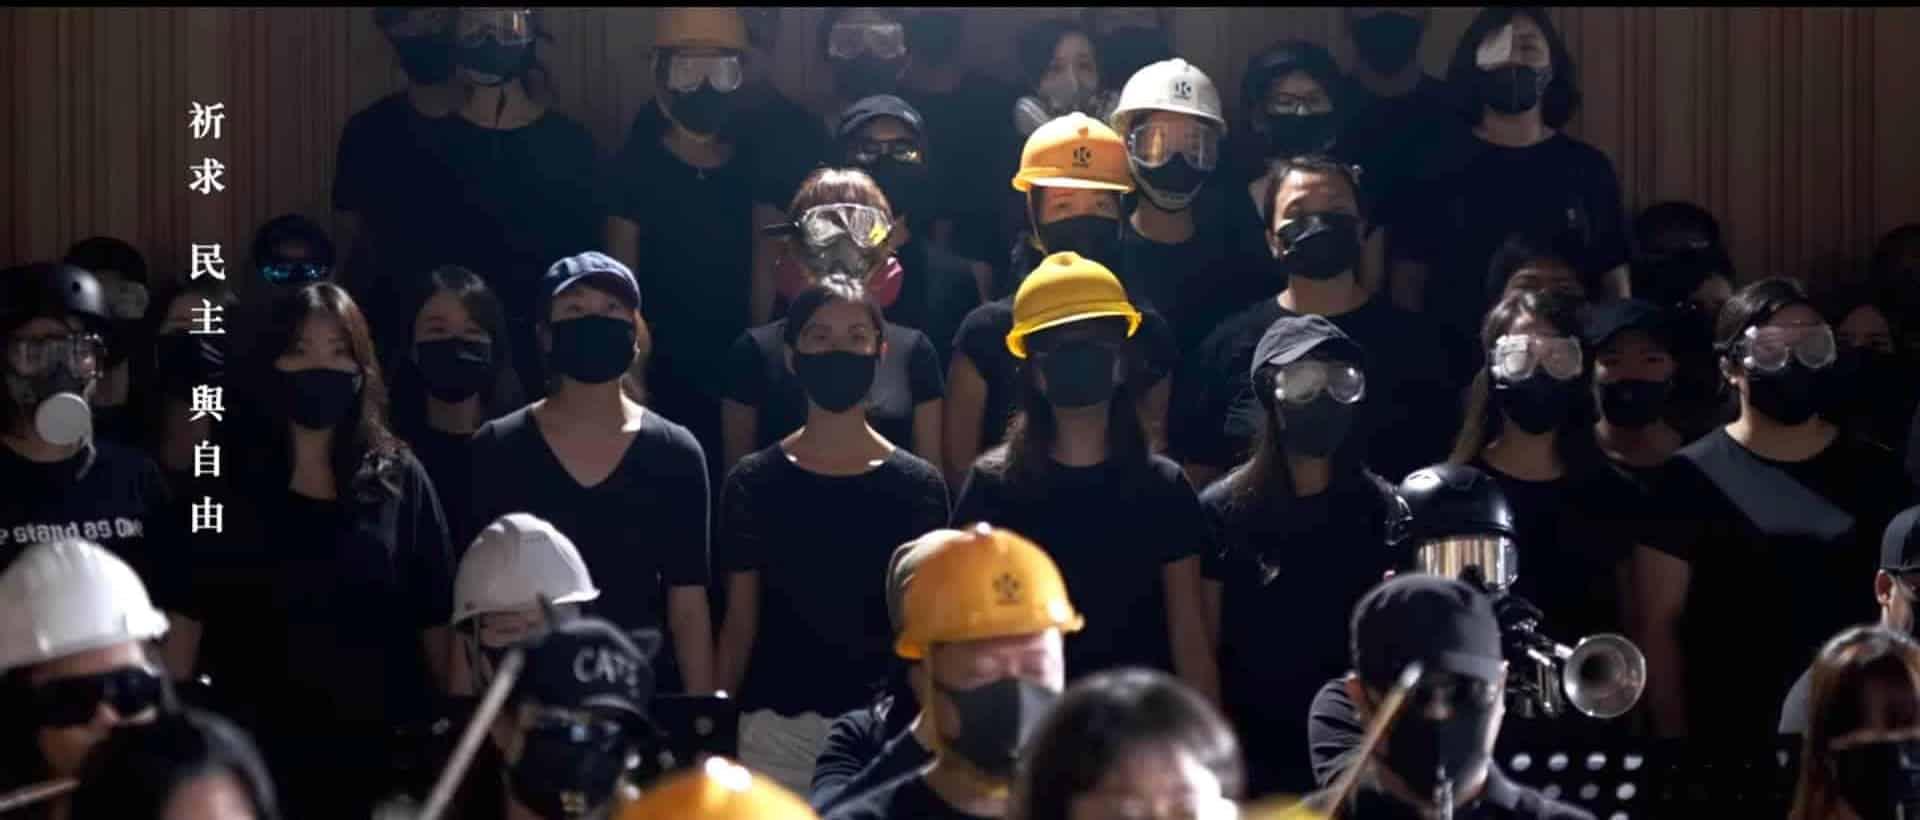 Video bài hát quốc ca mới của Hồng Kông, Vinh quang Hương Cảng